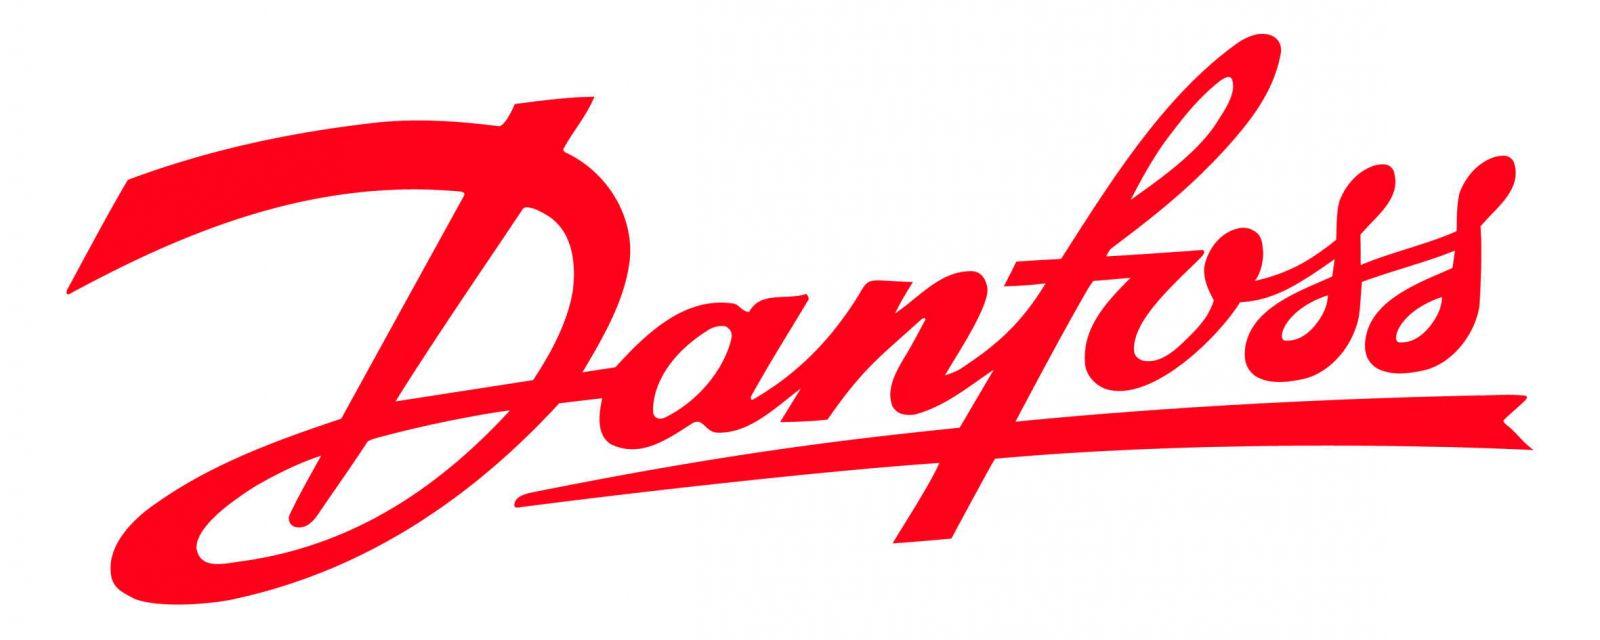 Danfoss-Red-Logo-1